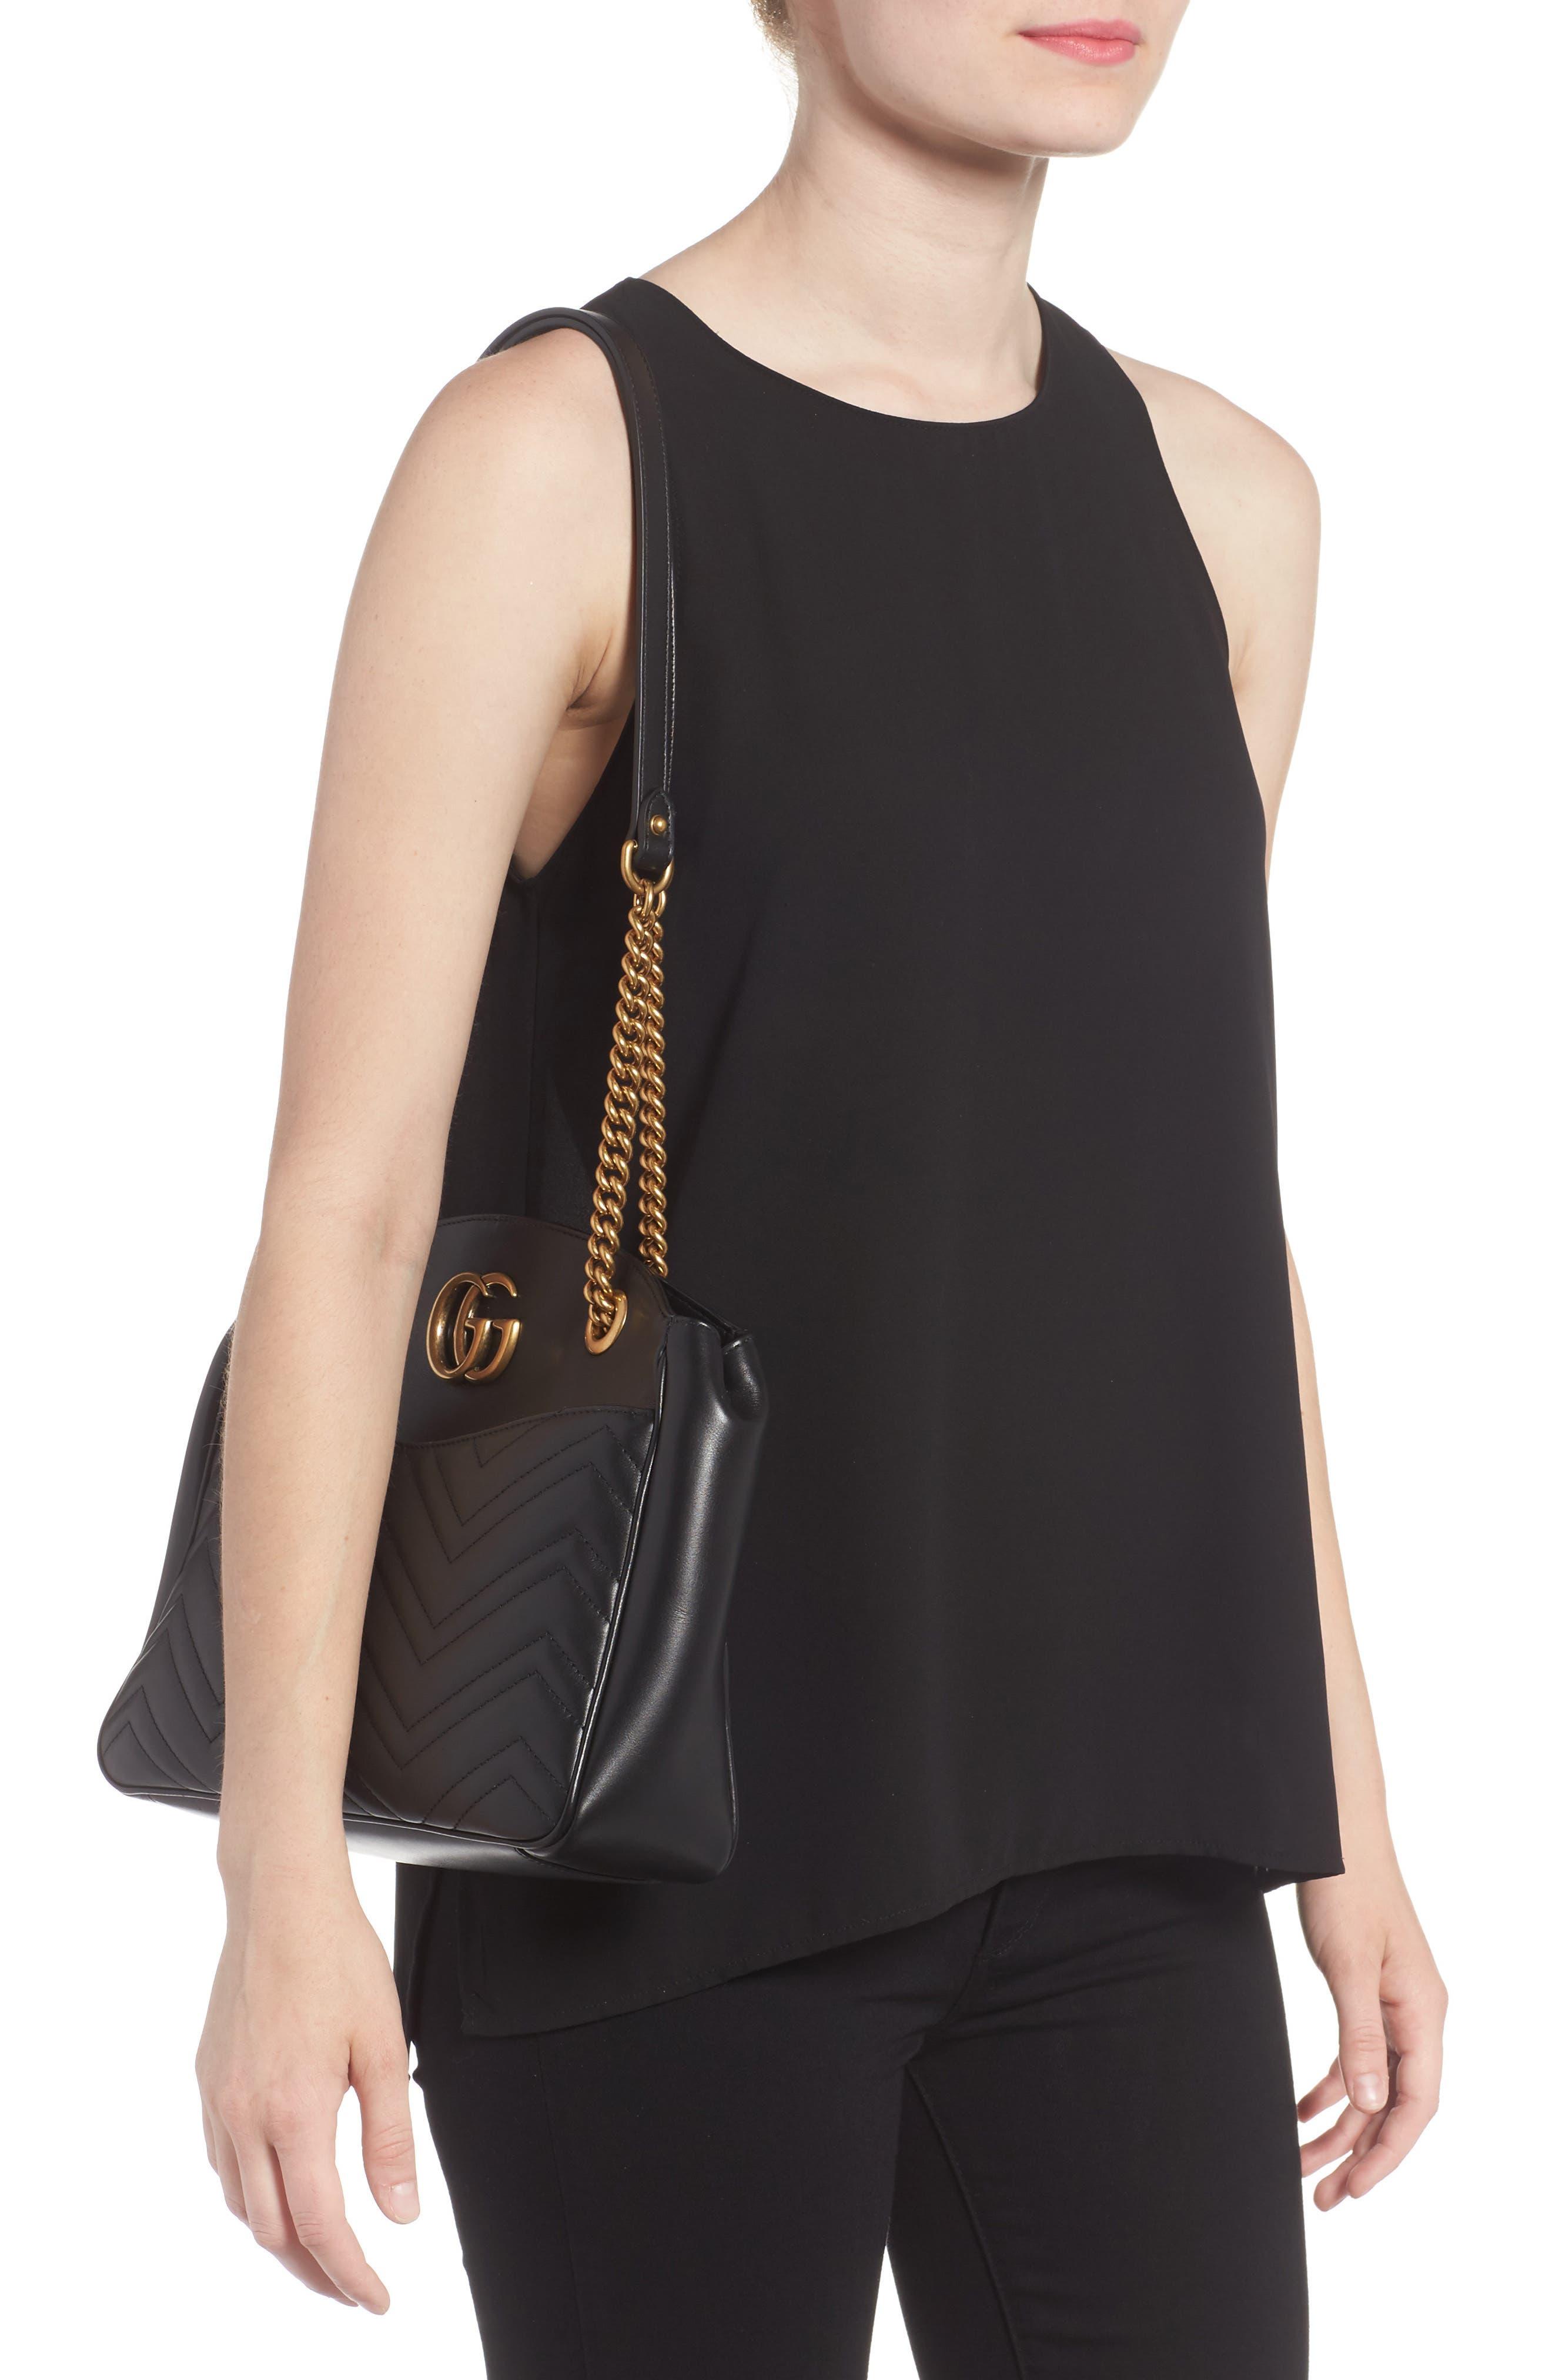 GG Marmont Matelassé Leather Shoulder Bag,                             Alternate thumbnail 2, color,                             001